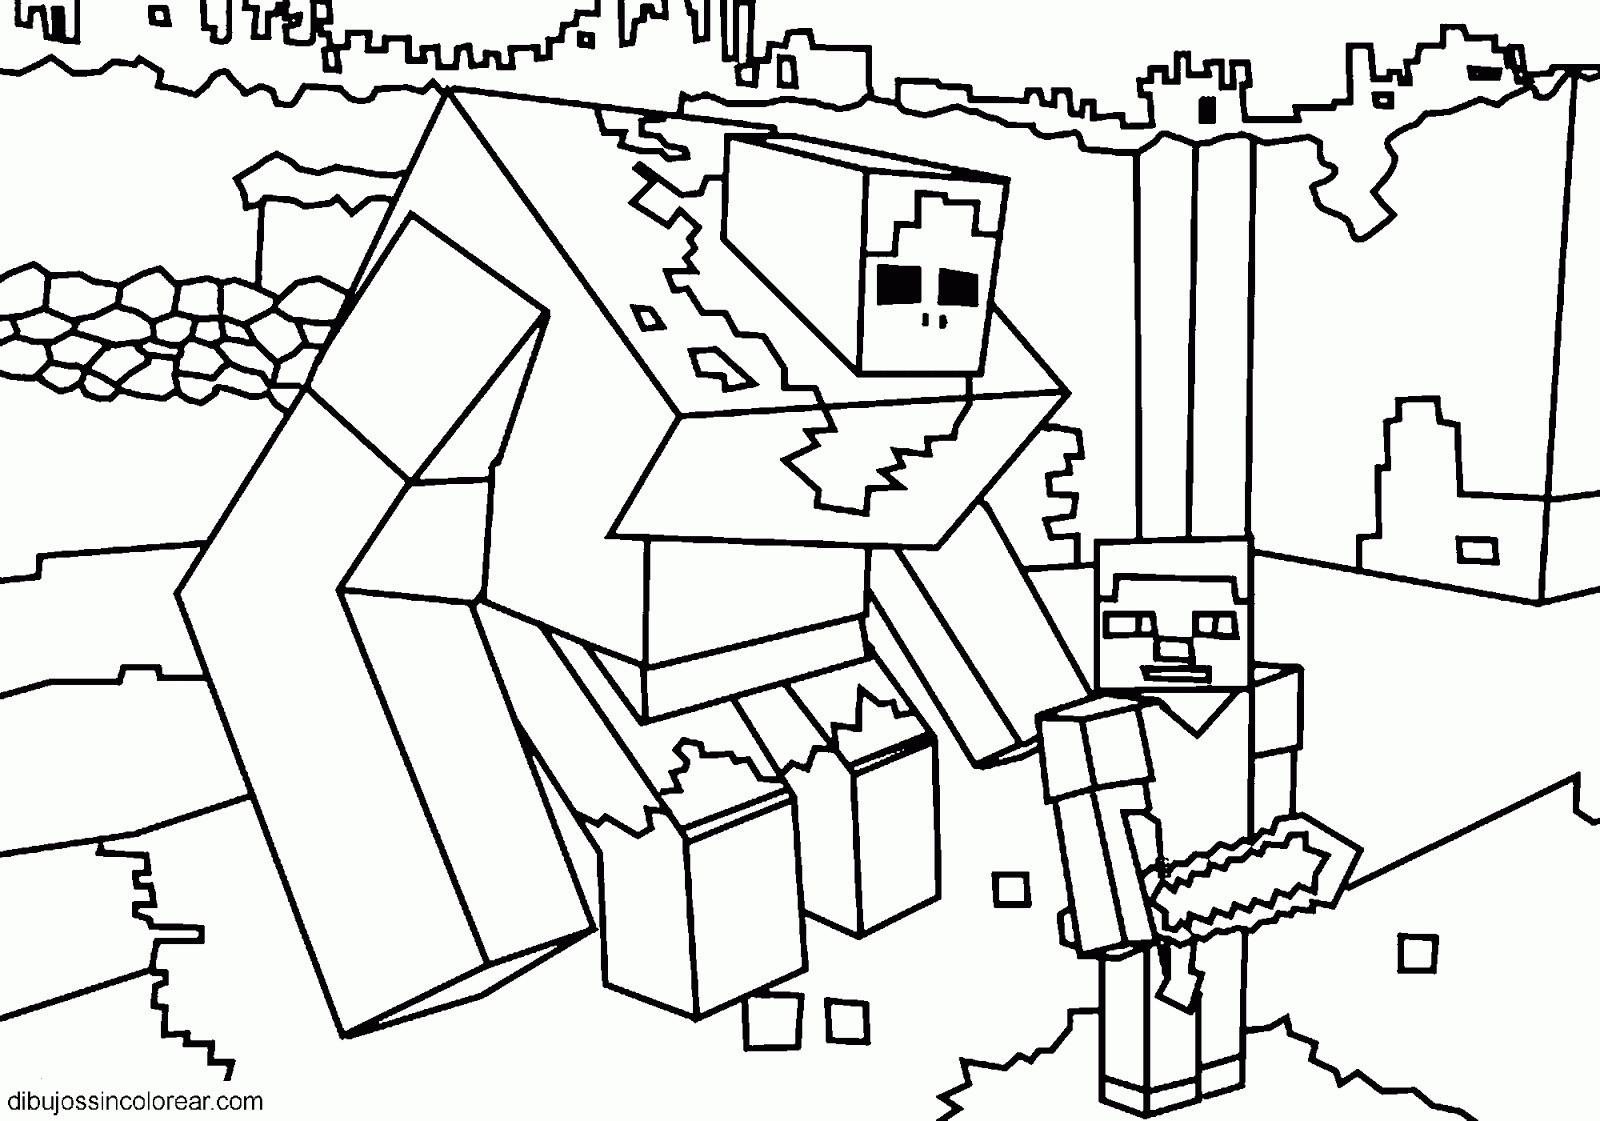 Ausmalbilder Minecraft Dorf Inspirierend Ausmalbilder Minecraft Schwert Uploadertalk Frisch Ausmalbilder Das Bild